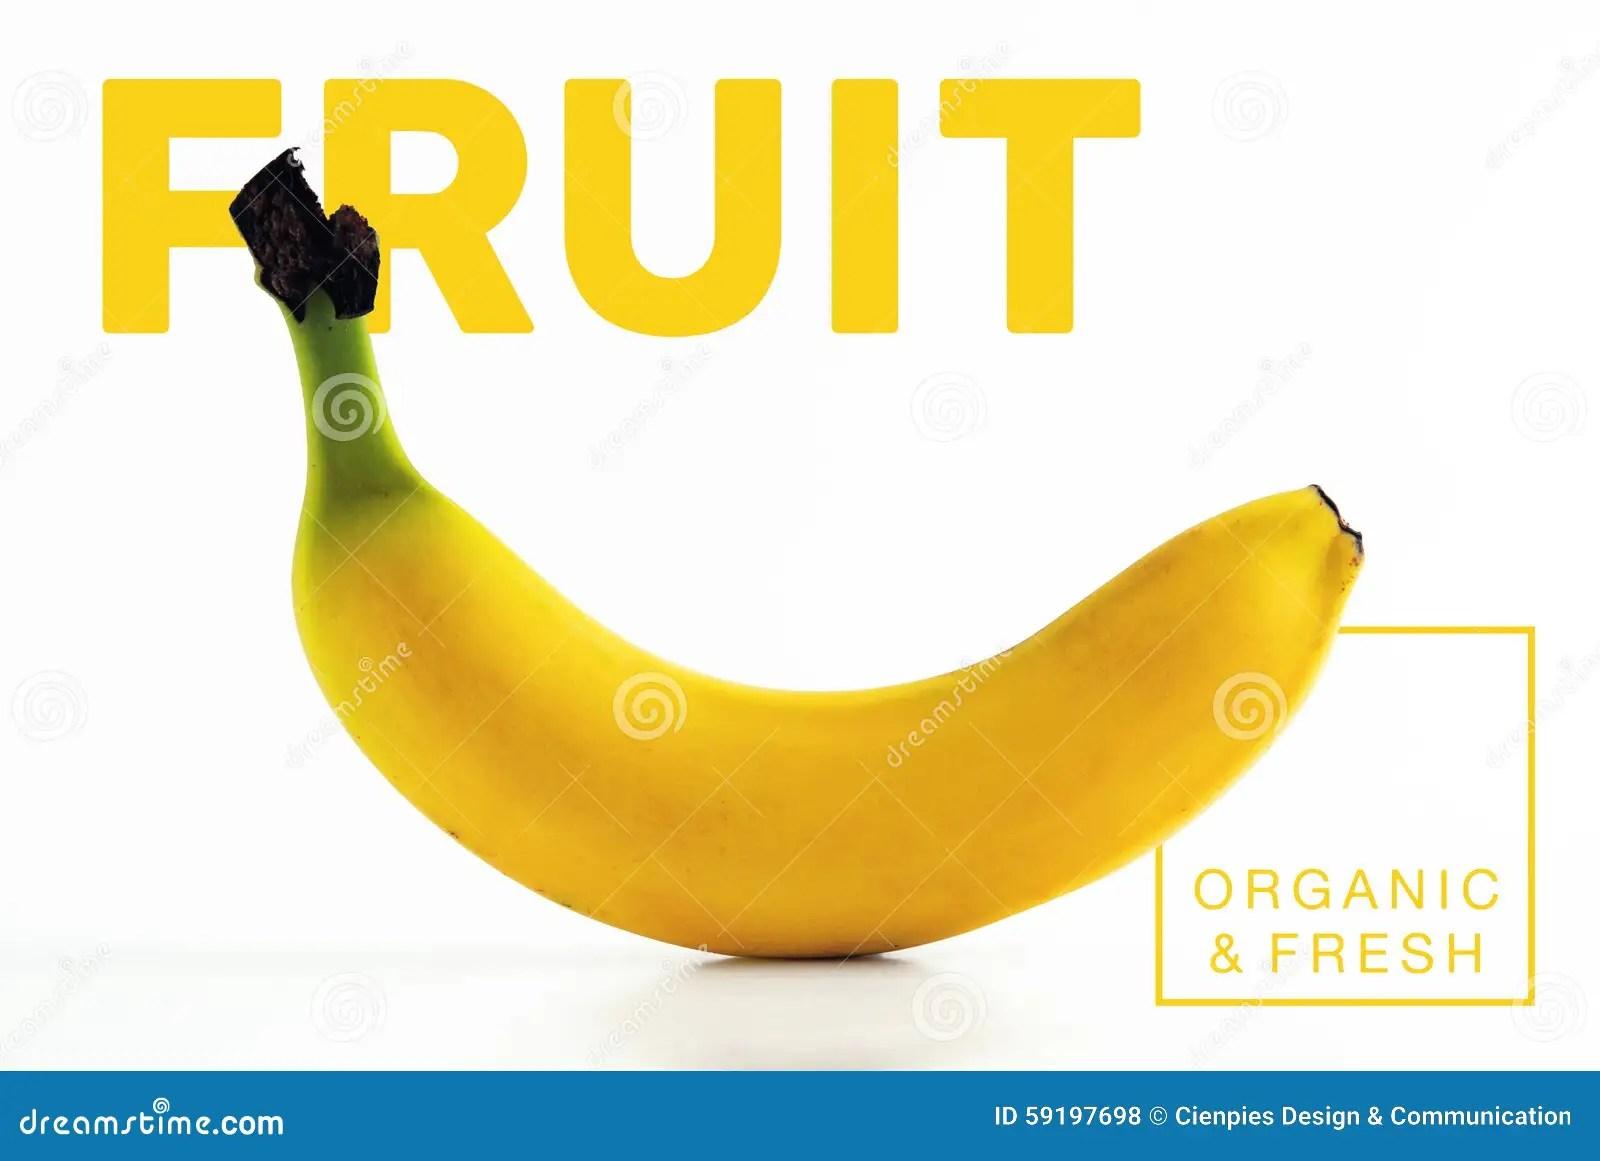 banana fruit organic and